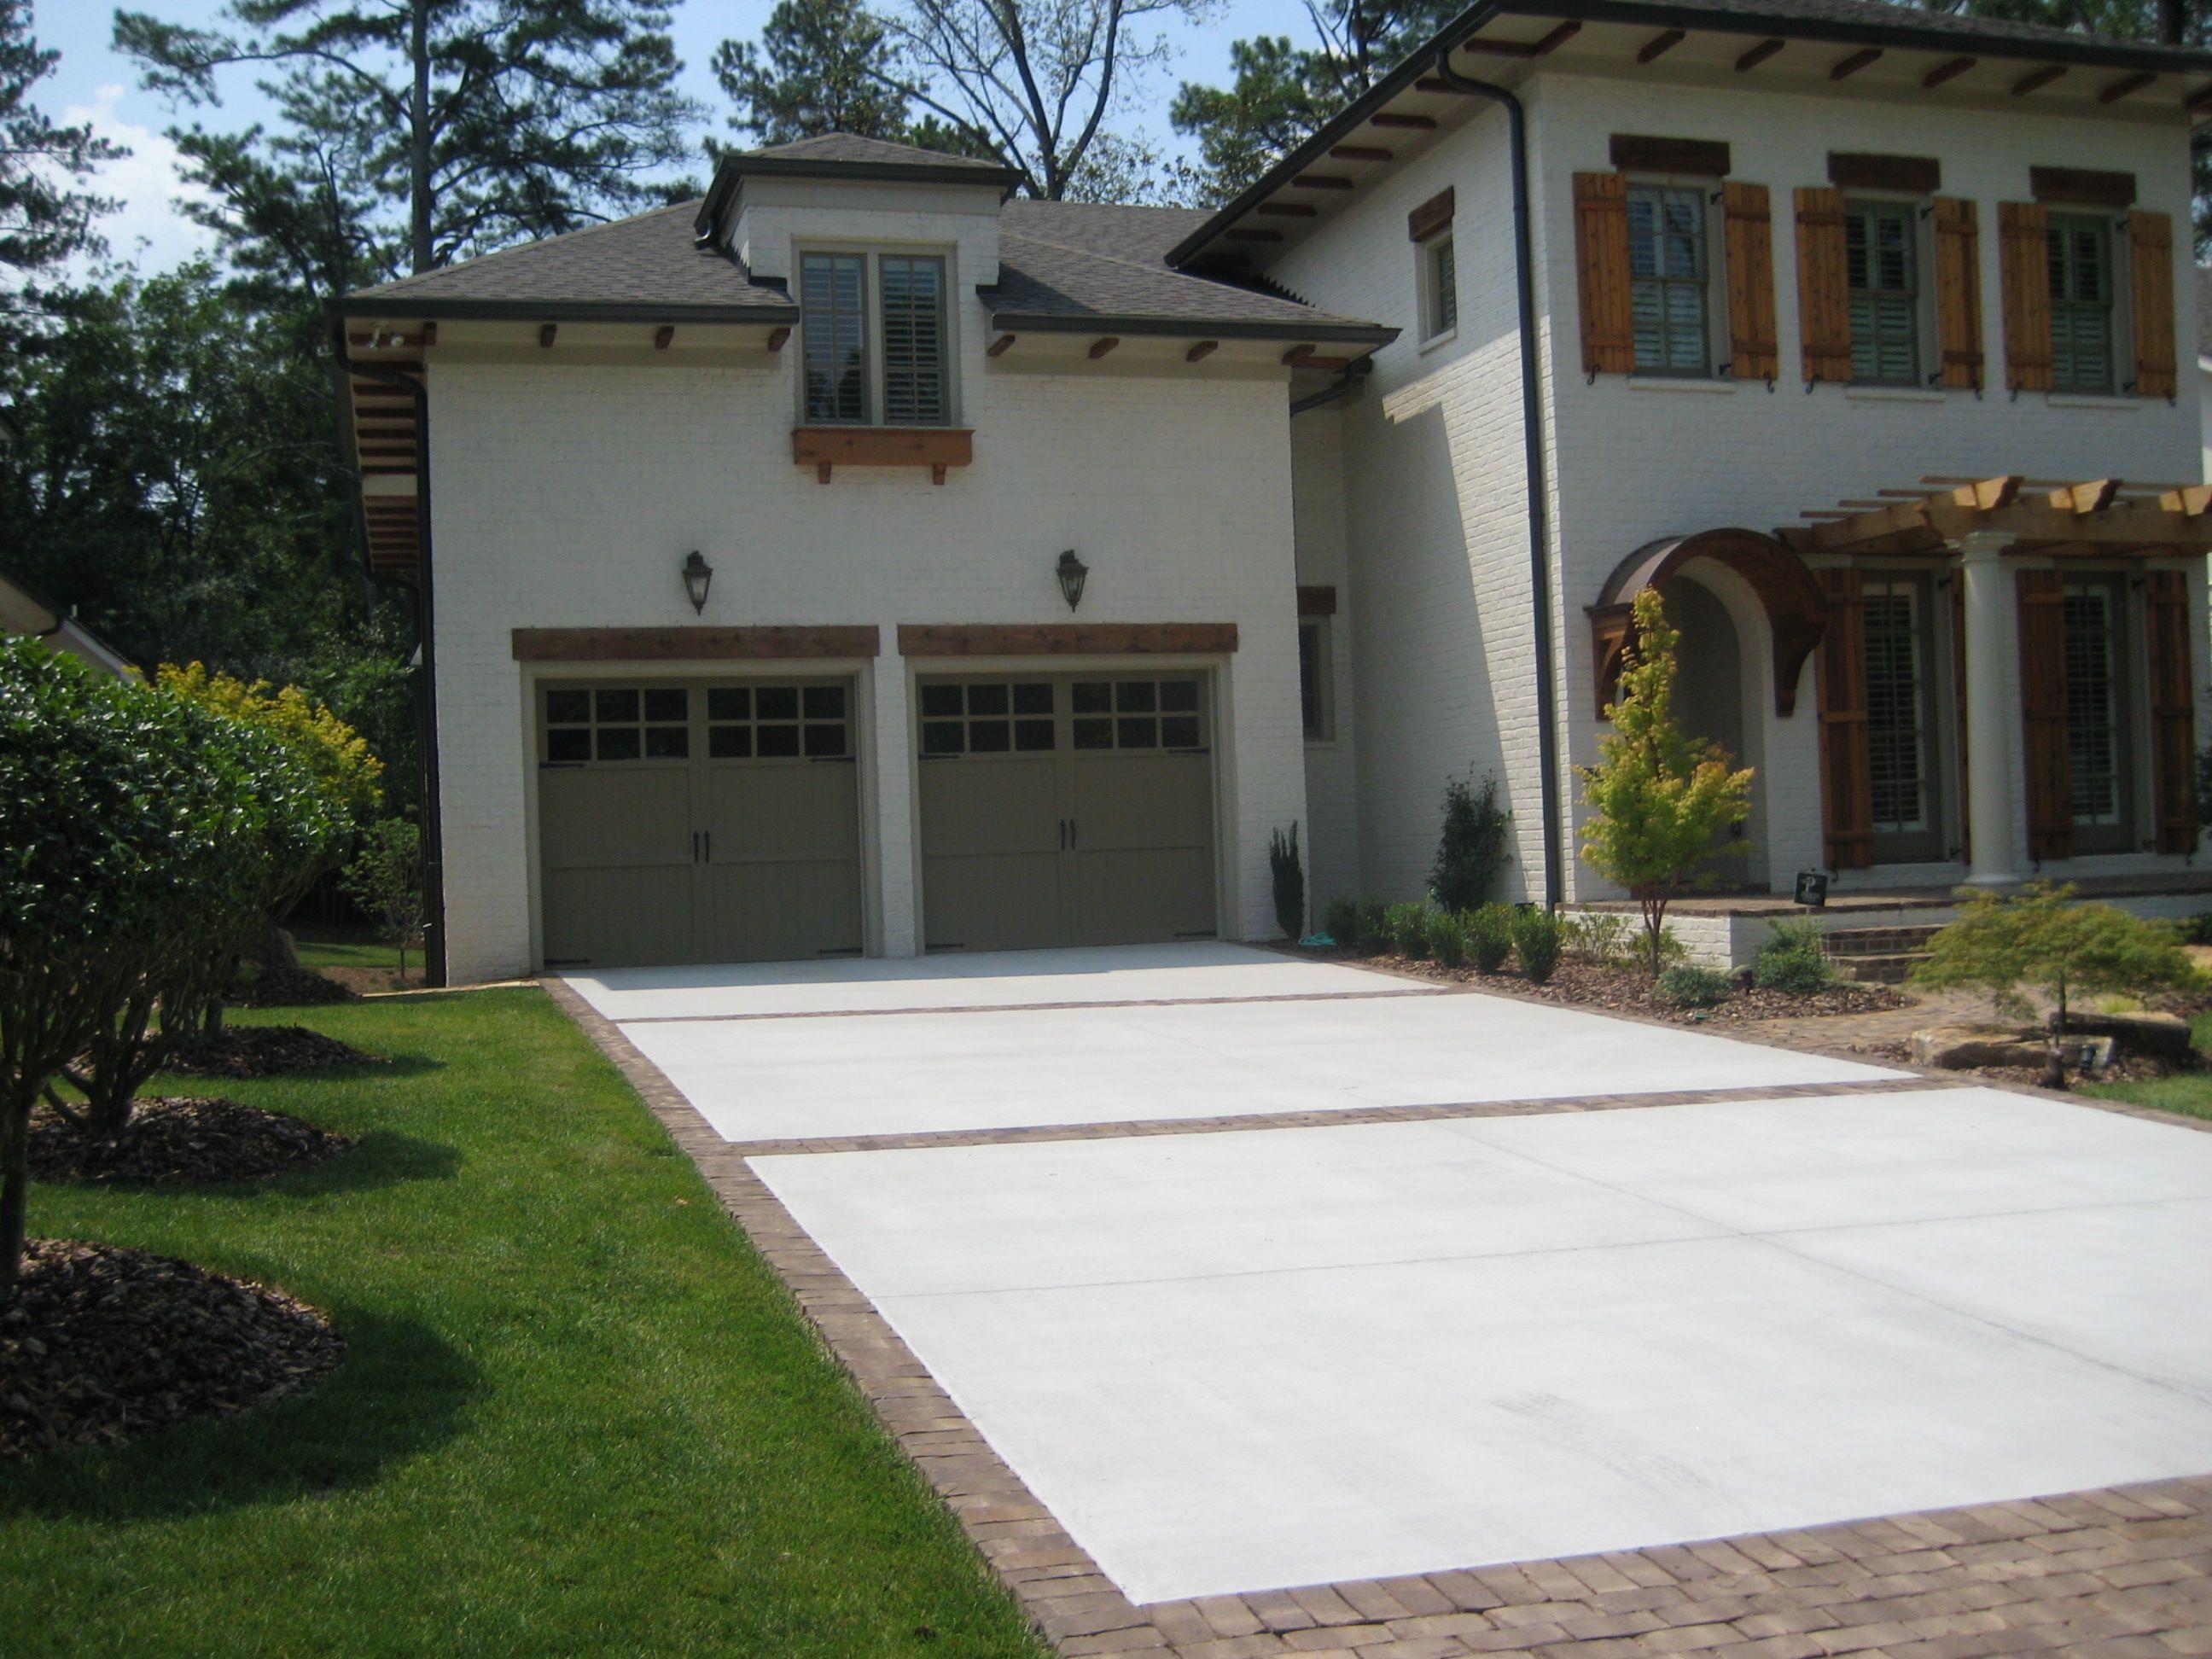 Pin lisääjältä Southern Home Creations taulussa Carriage Garage